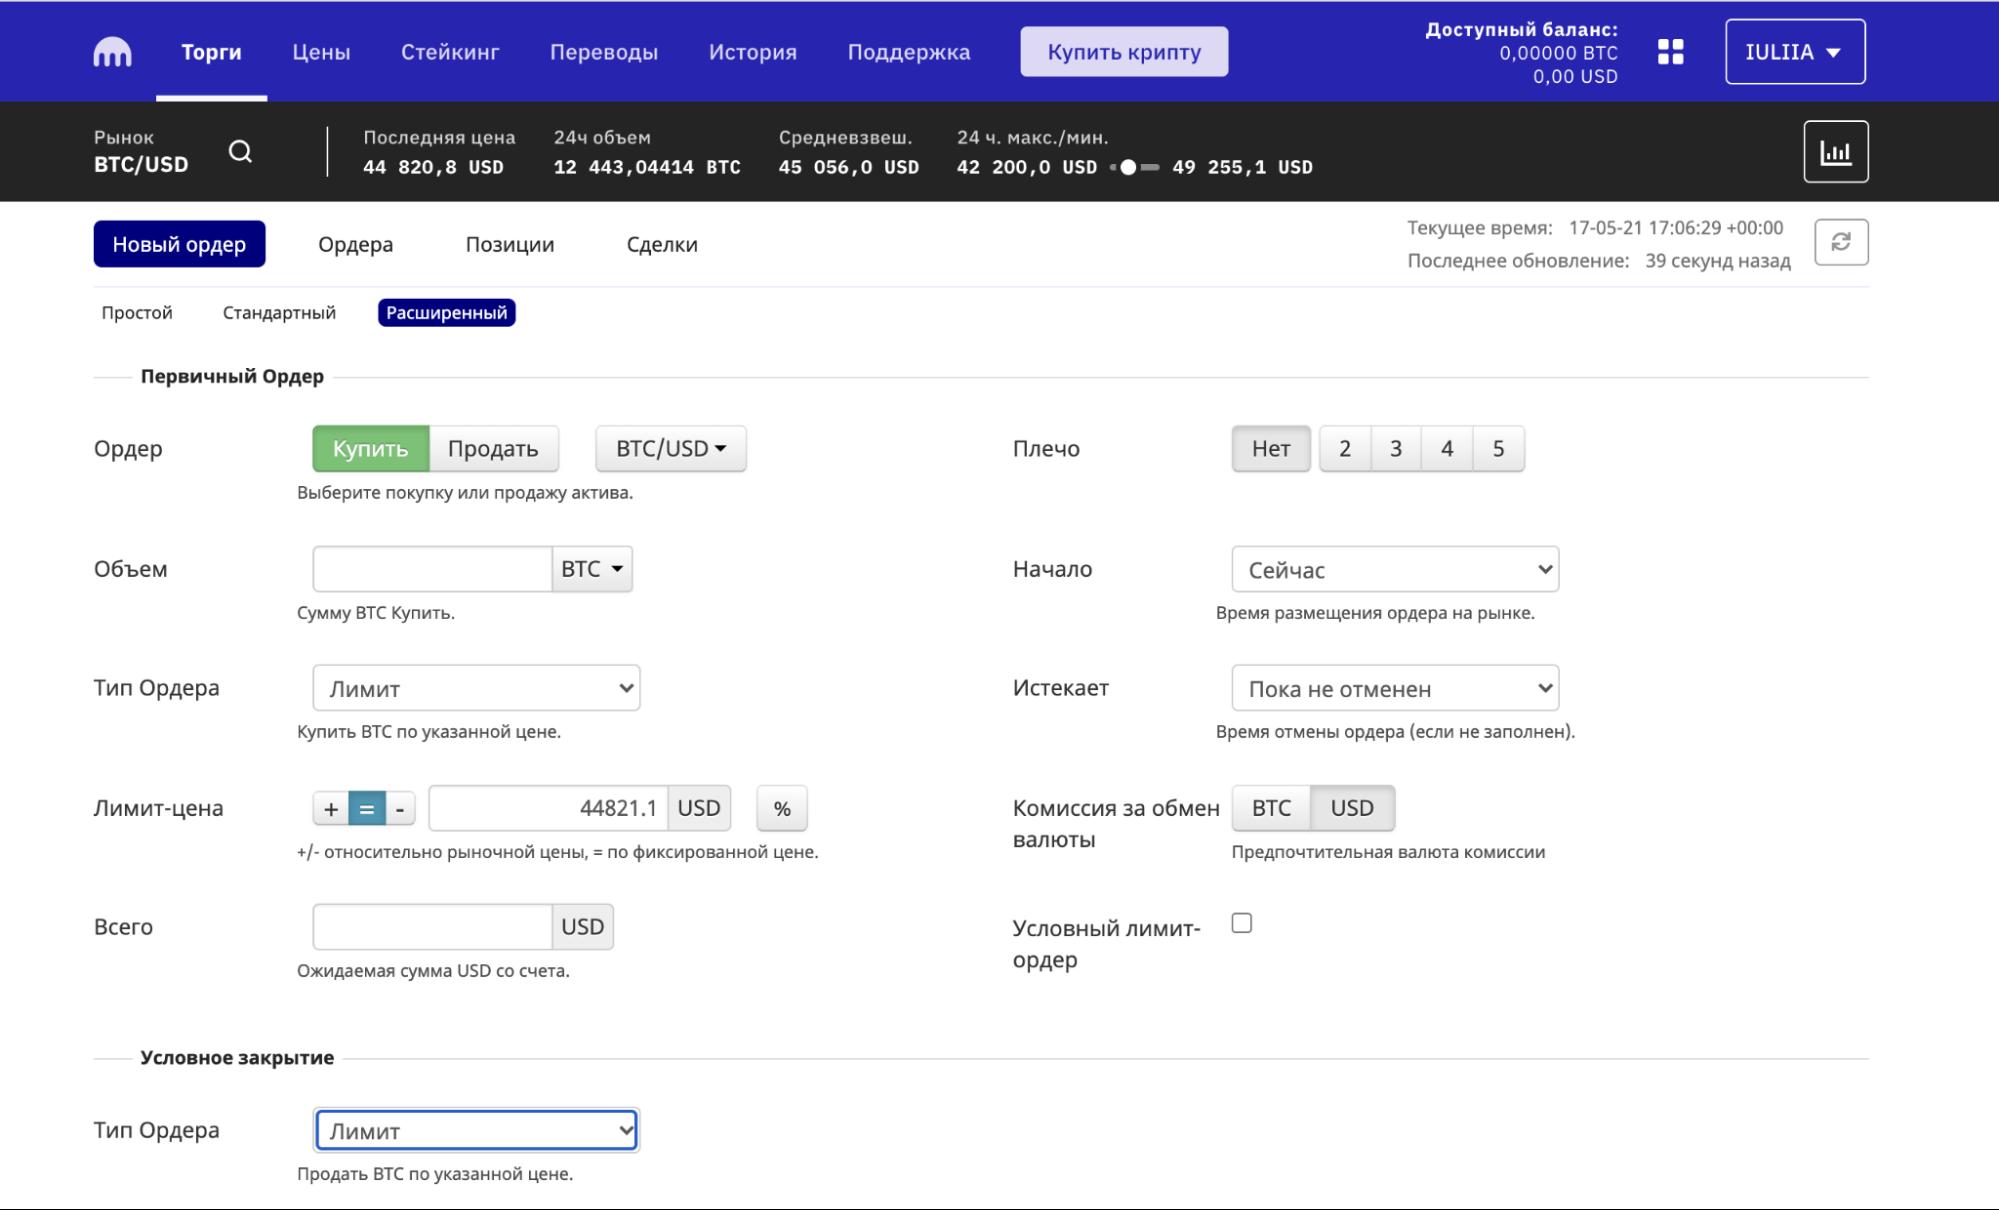 Кракен - расширенный торговый интерфейс на русском языке